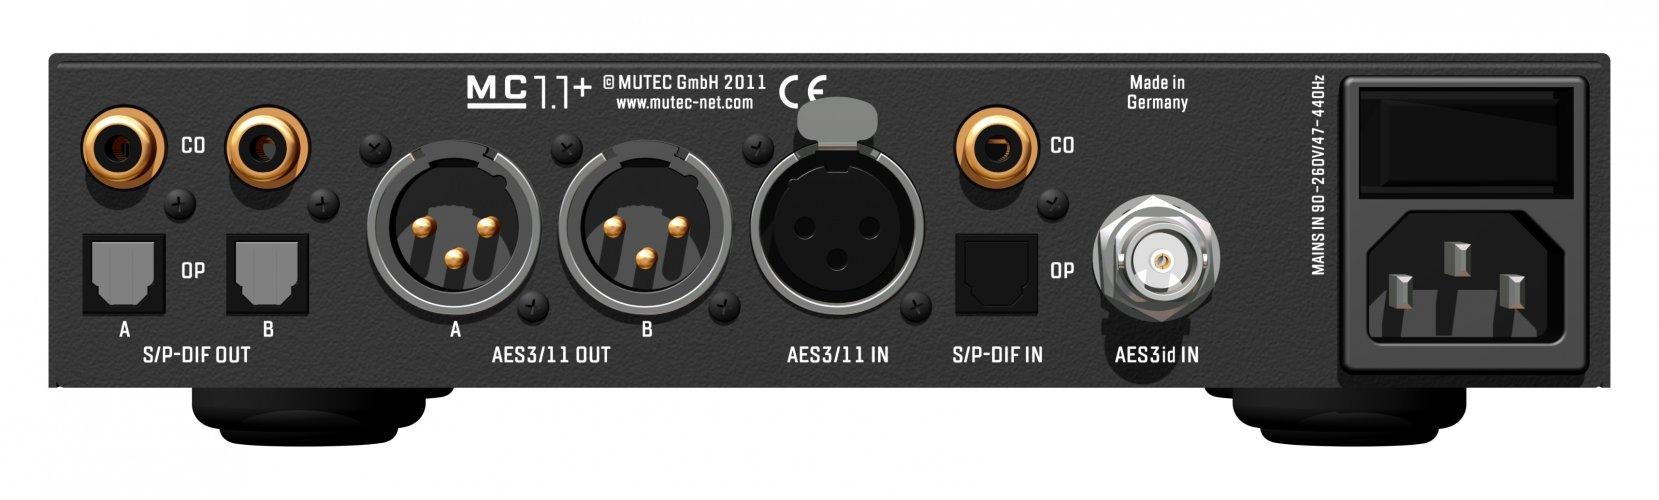 MC-1.1plus_Back_RGB.jpg